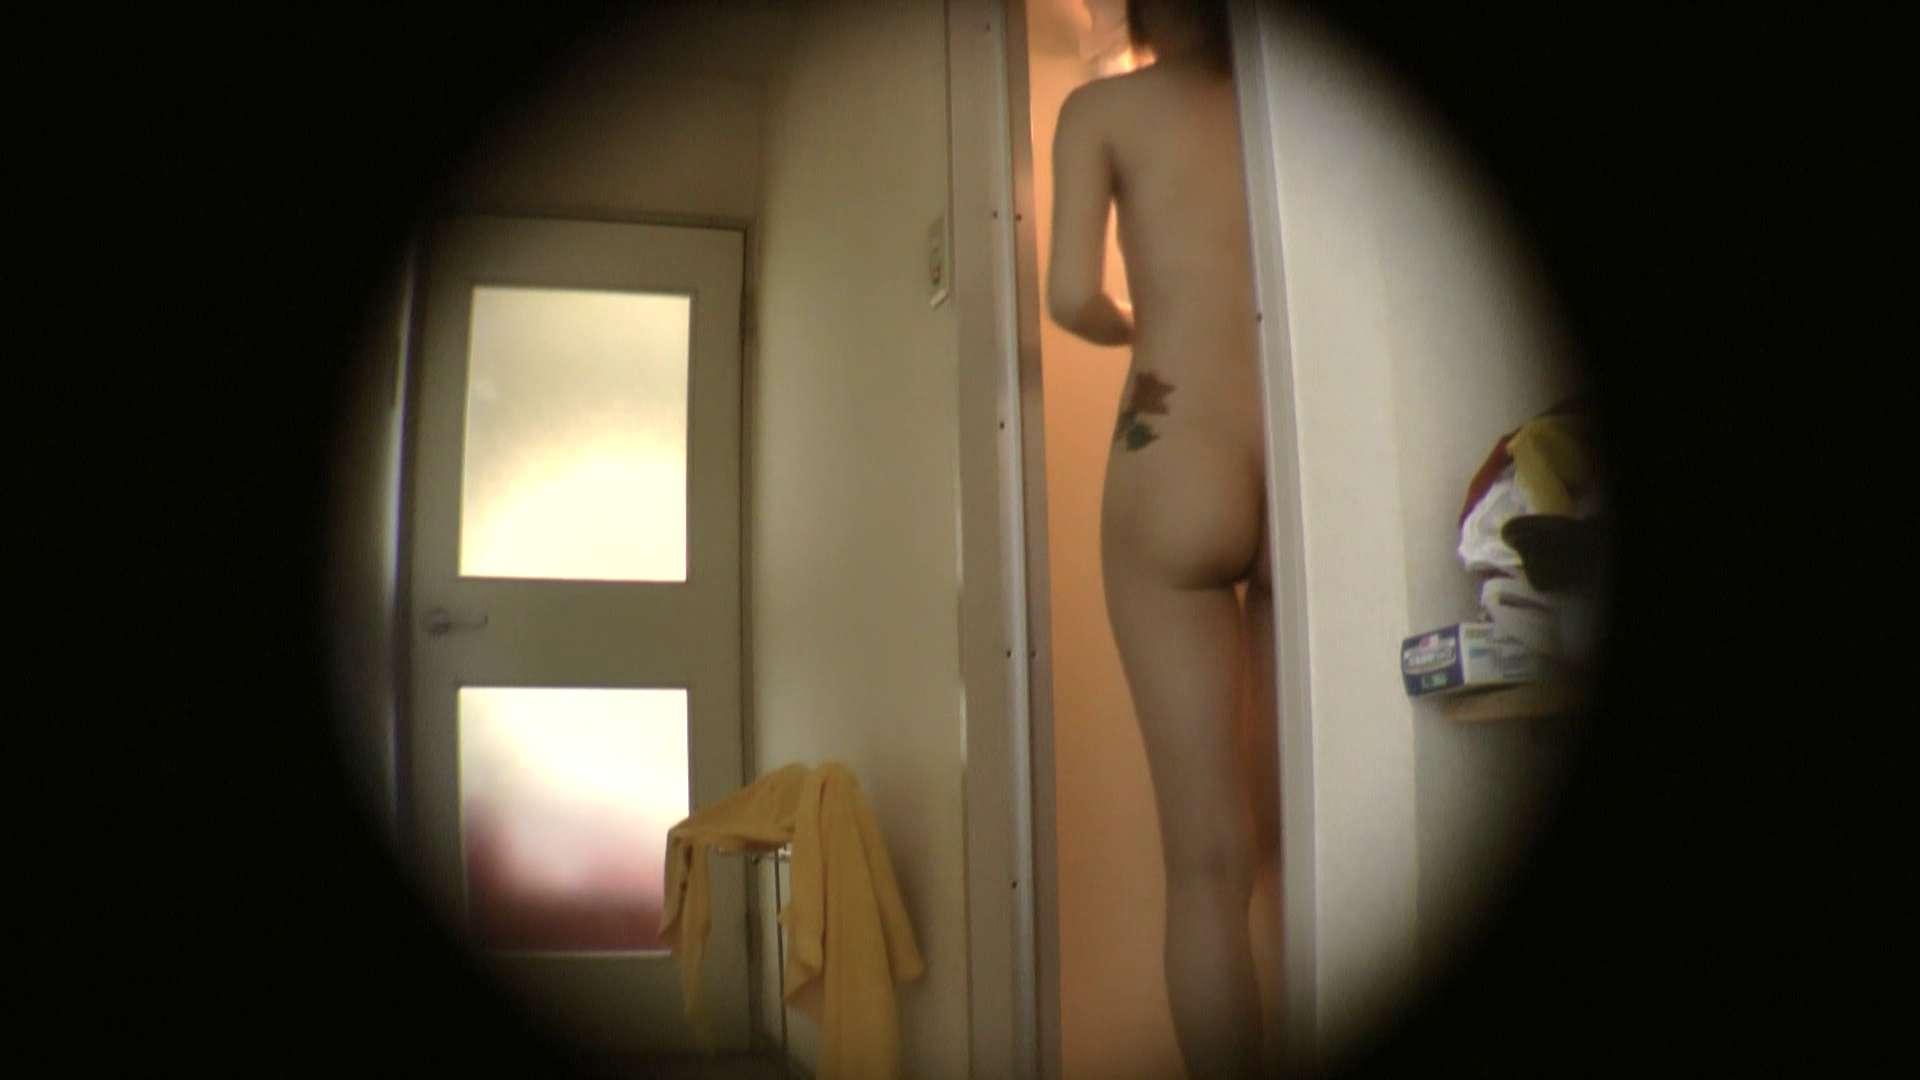 隠撮店の女の子をつまみ喰い~yukivol.4 隠撮 | OL裸体  107画像 70